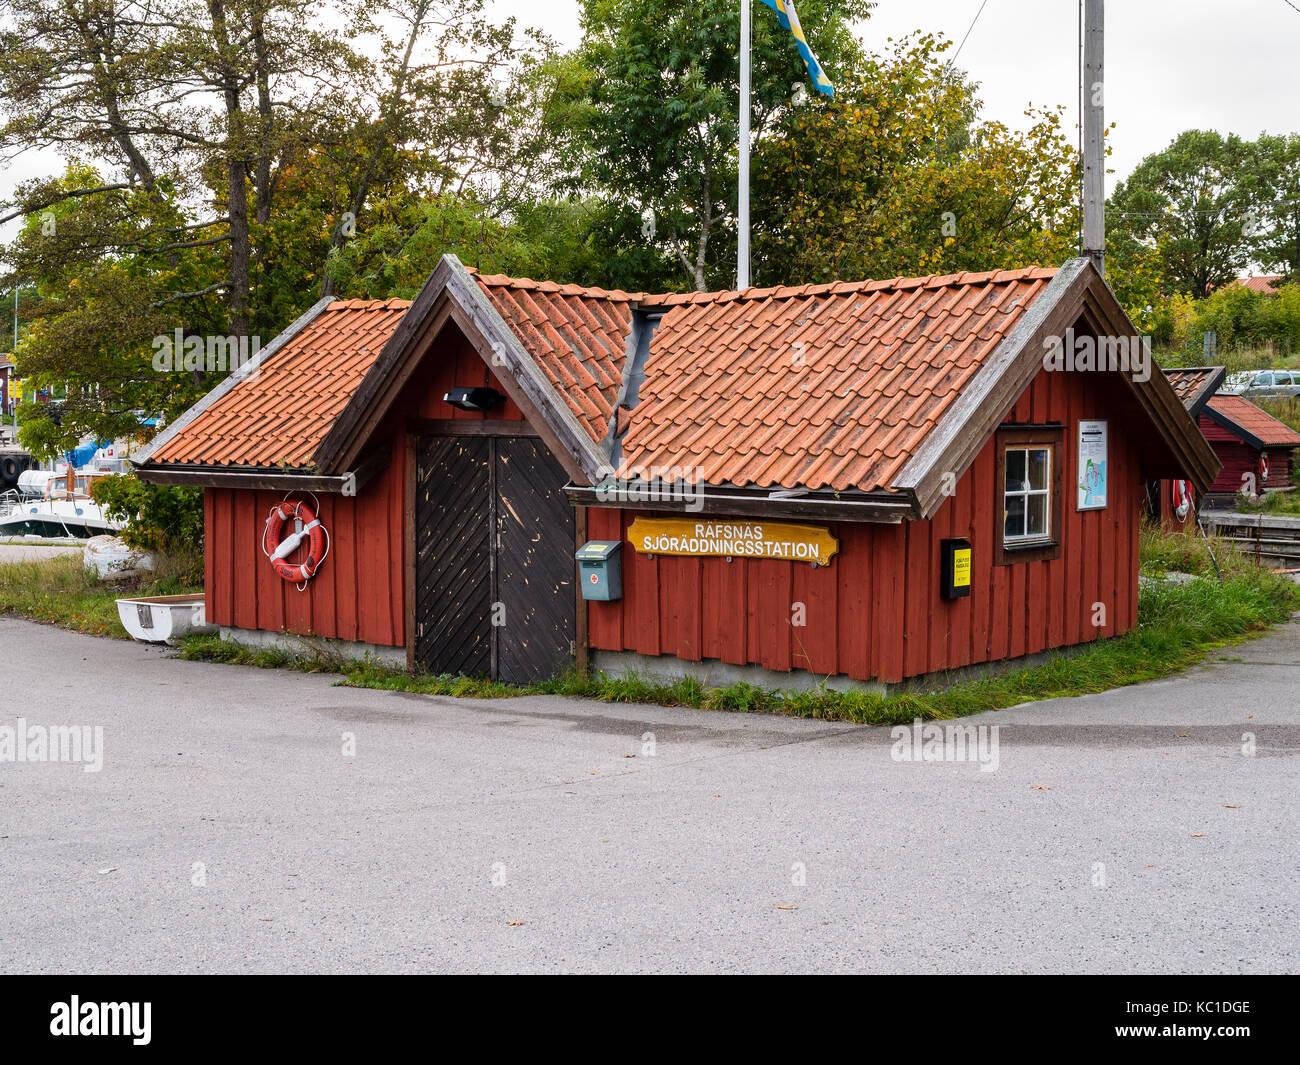 Haus der Schwedischen Seerettungsgesellschaft im Hafen von Räfsnäs, in der Nähe von Gräddddö, Rådmansö im Roslagen-Archipel, von Stockholm, Schweden, Europé. Stockfoto